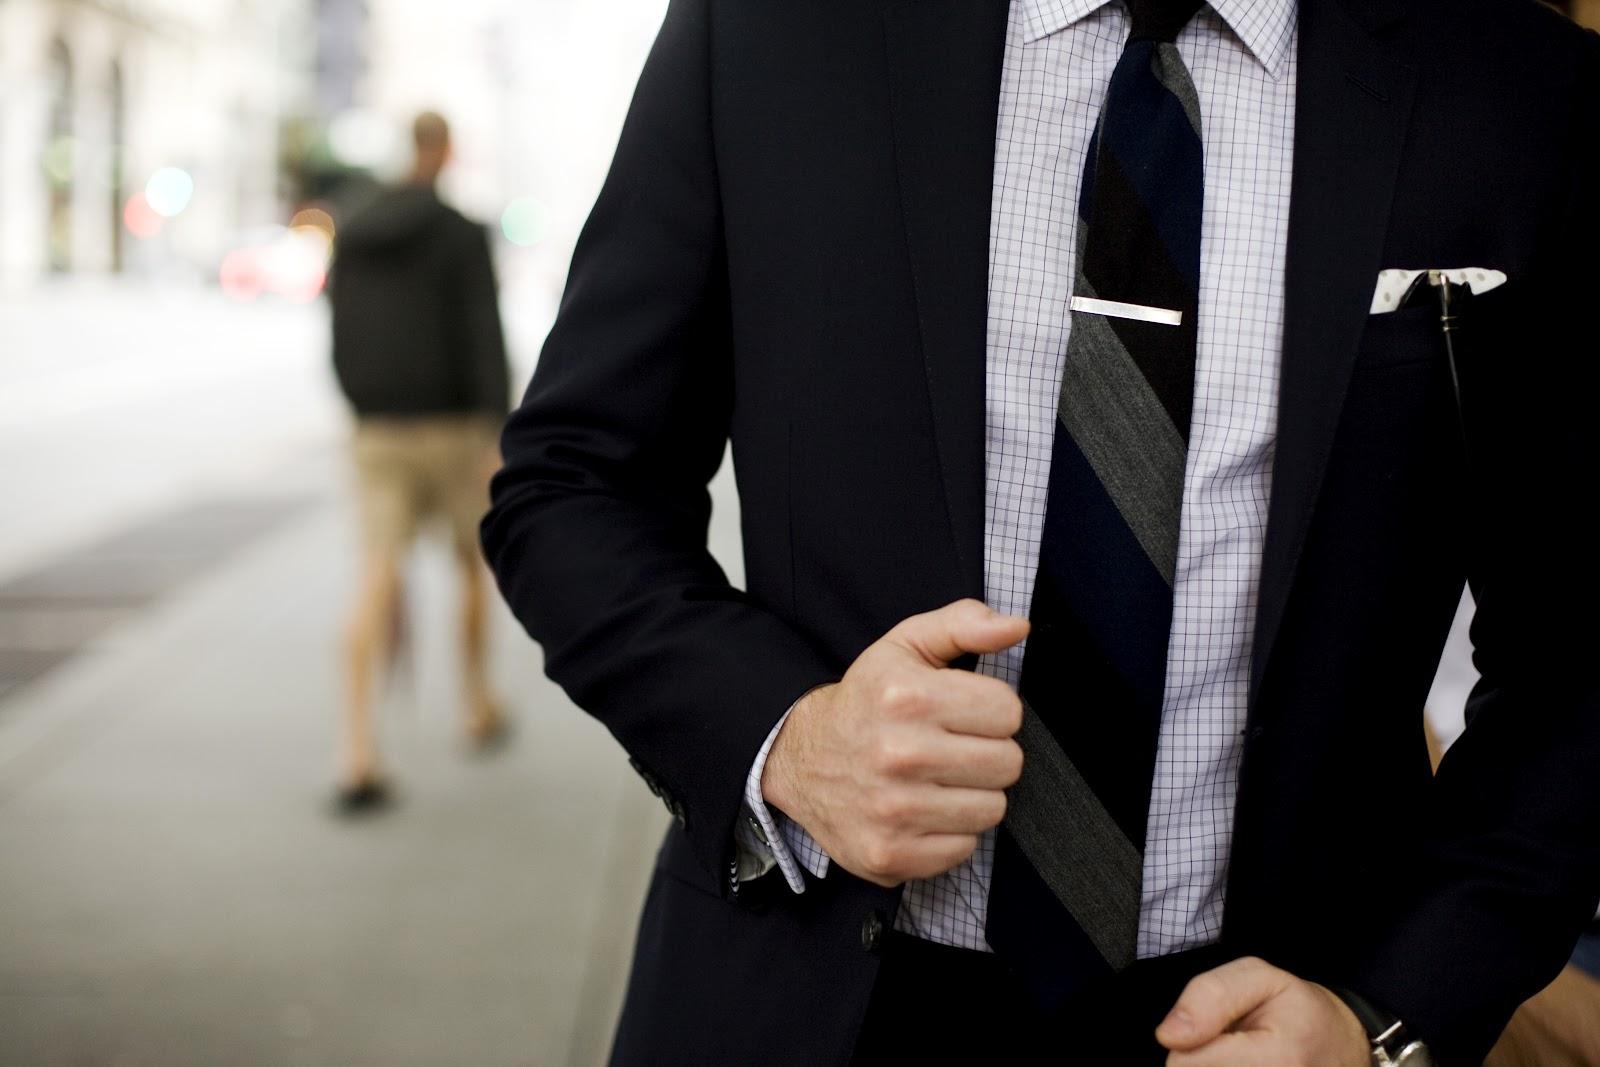 Usar gravata no trabalho limita o pensamento crítico